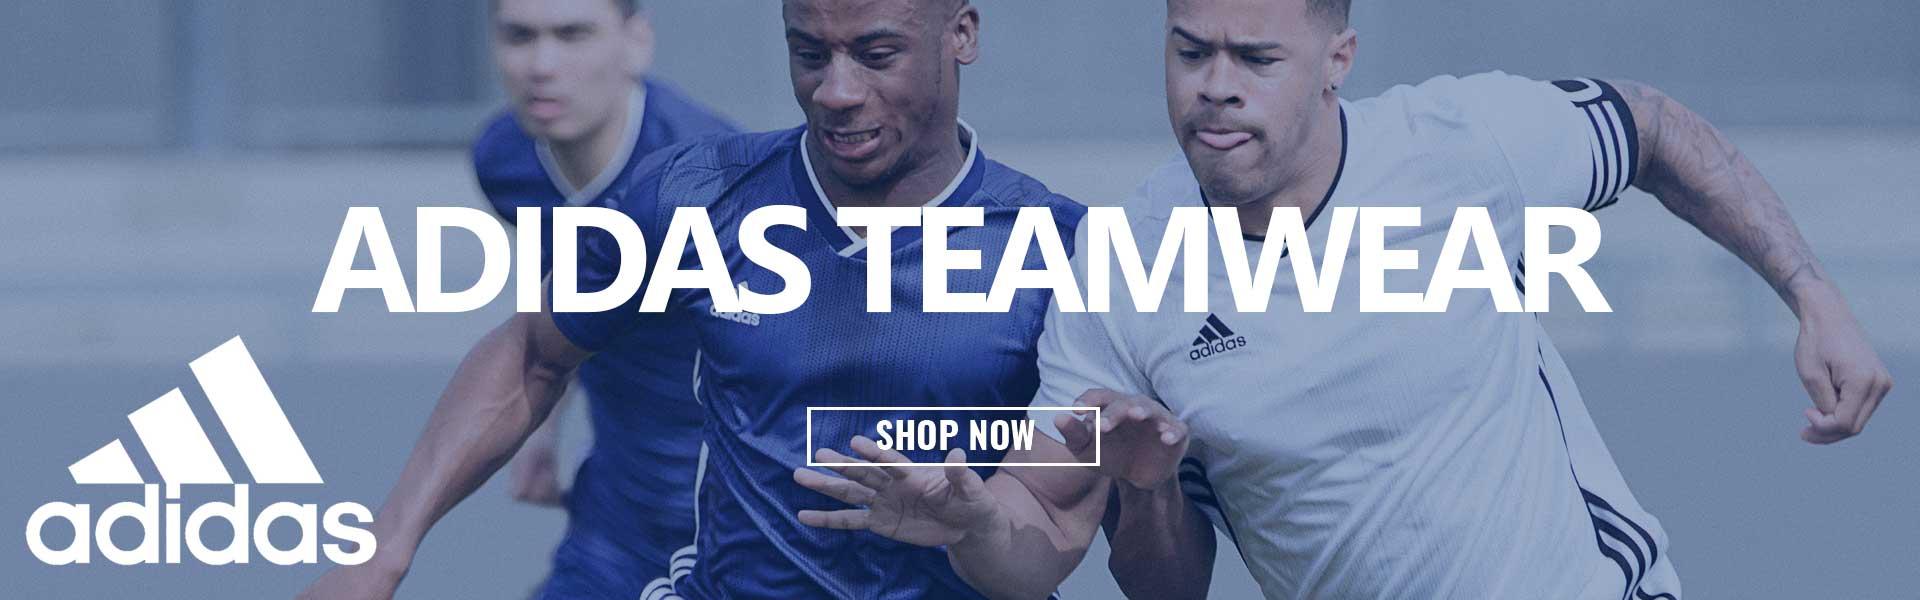 Adidas Teamwear